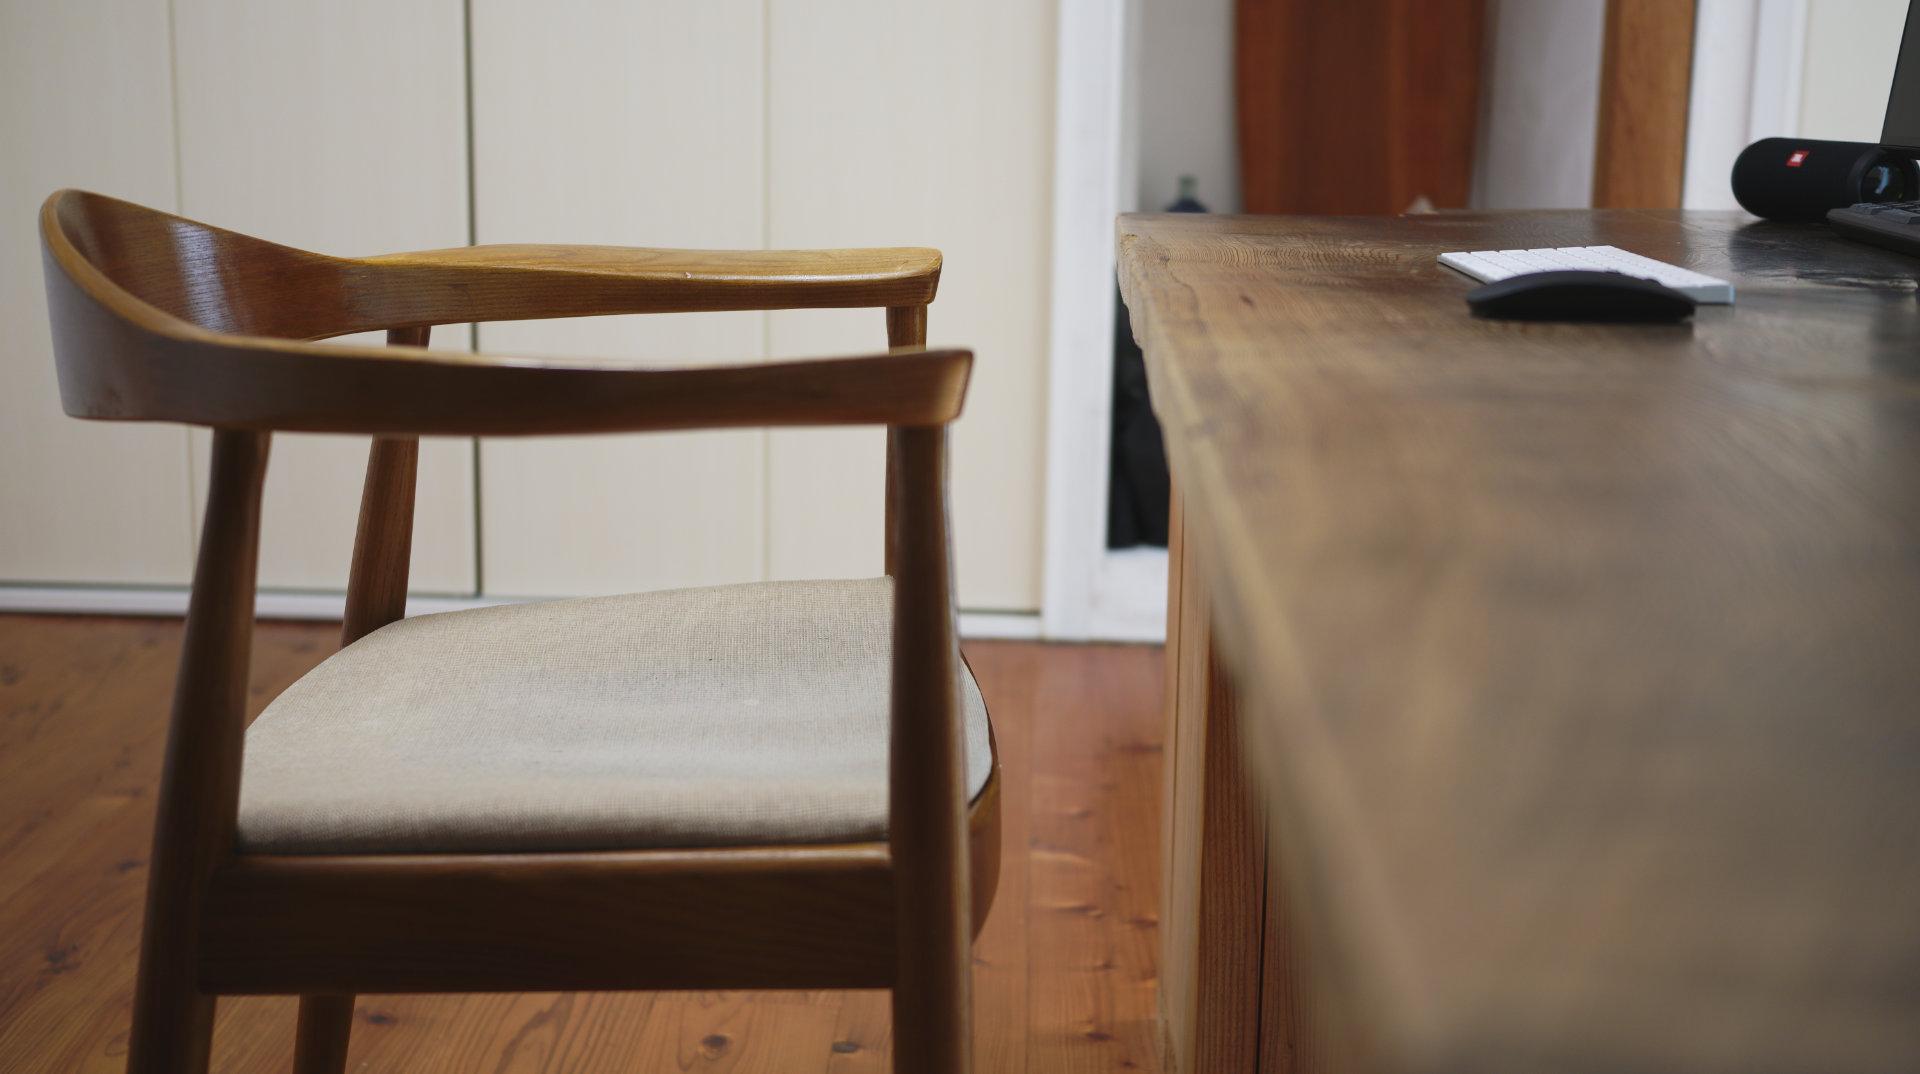 デスクワーク側面 北欧デザイナーズ木製チェア「PP503 The Chair / ハンス・J・ウェグナー」